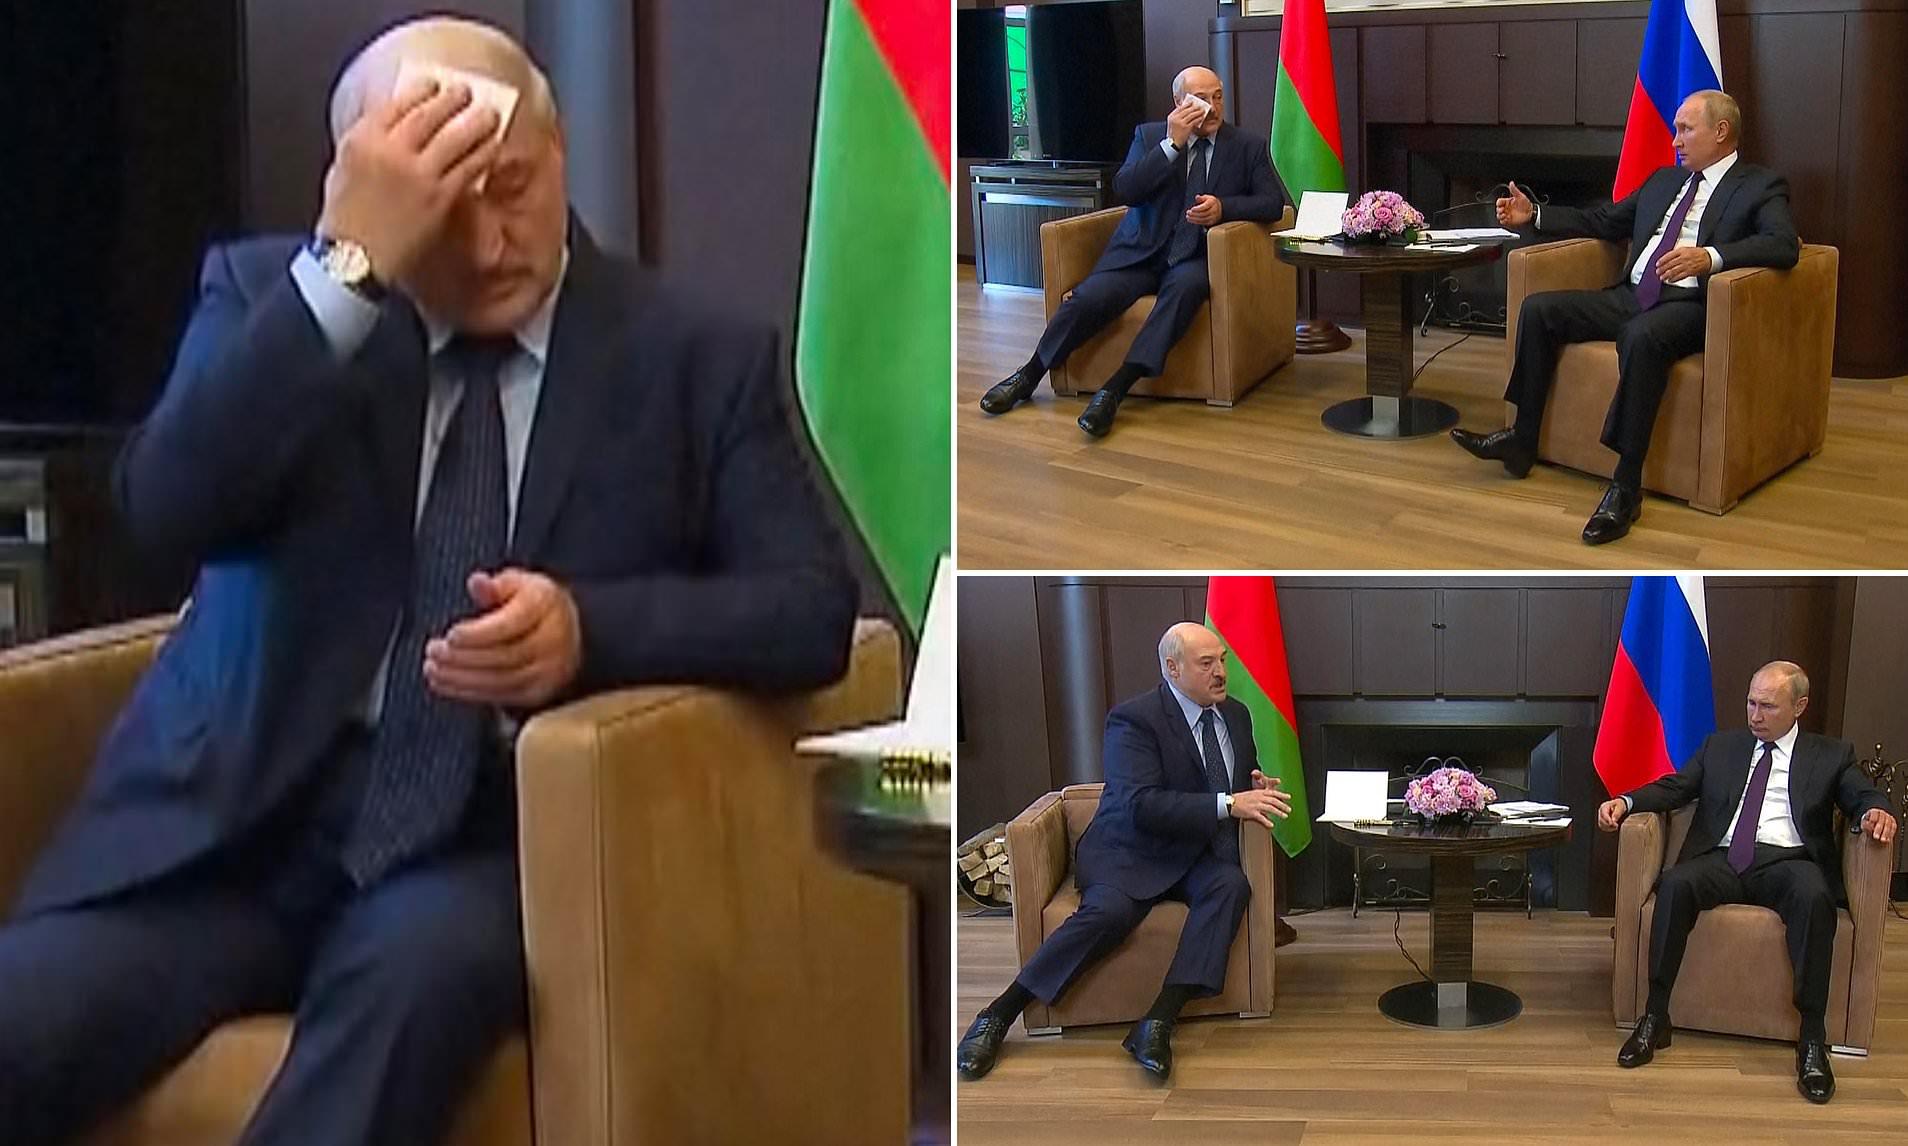 M. Chodorkovskis apie migrantų krizę Lietuvos pasienyje: netikiu, kad Lukašenka veikia vienas, tai paslauga Kremliui